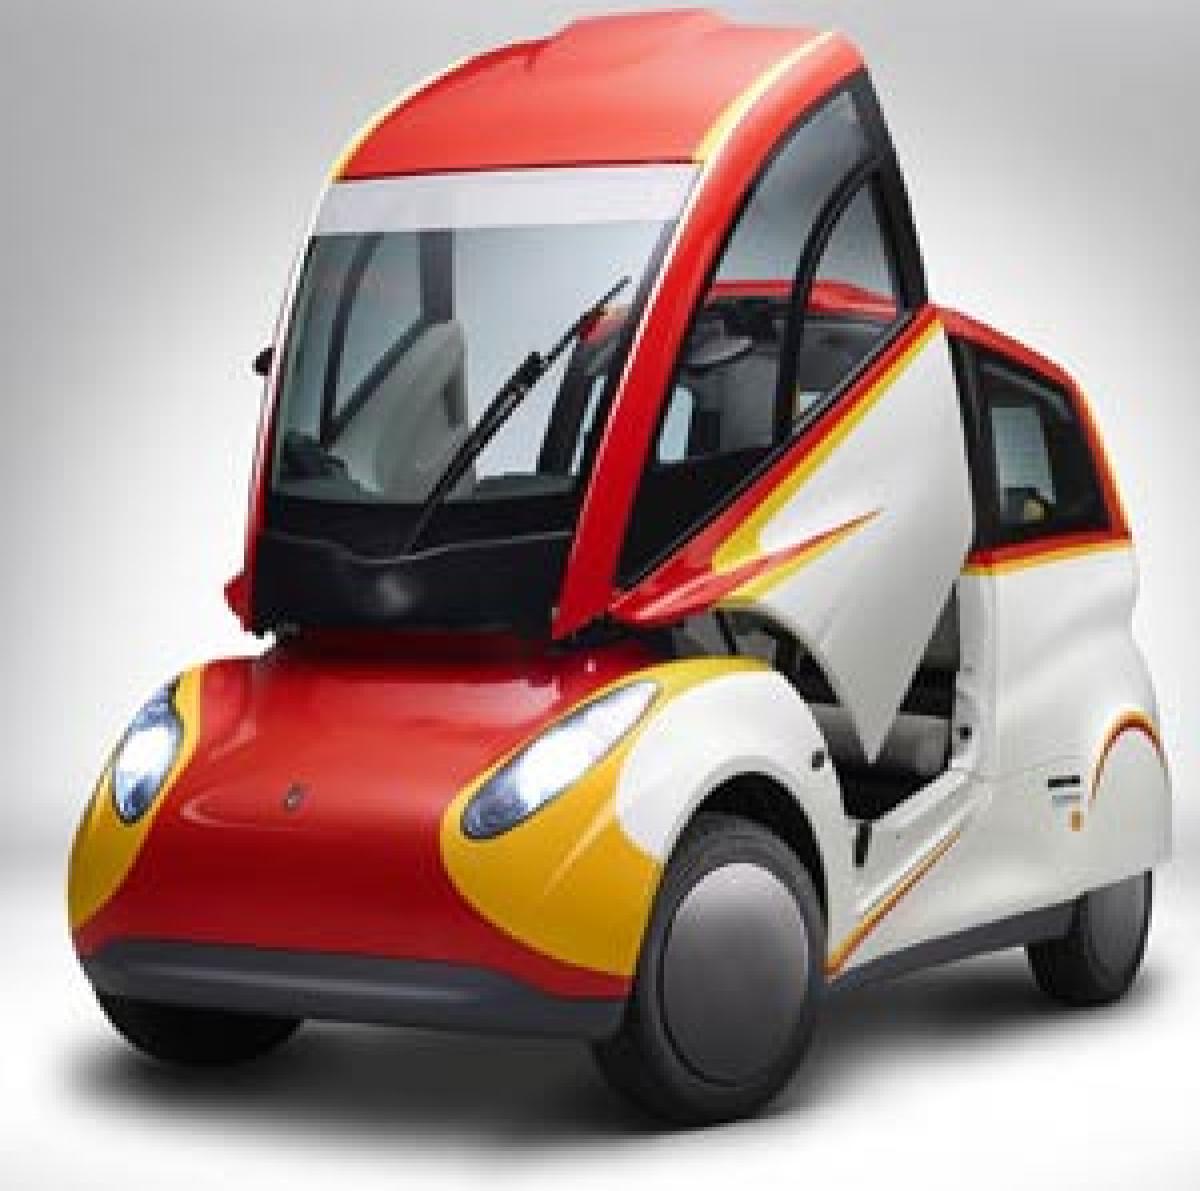 New Gordon Murray city car concept revealed